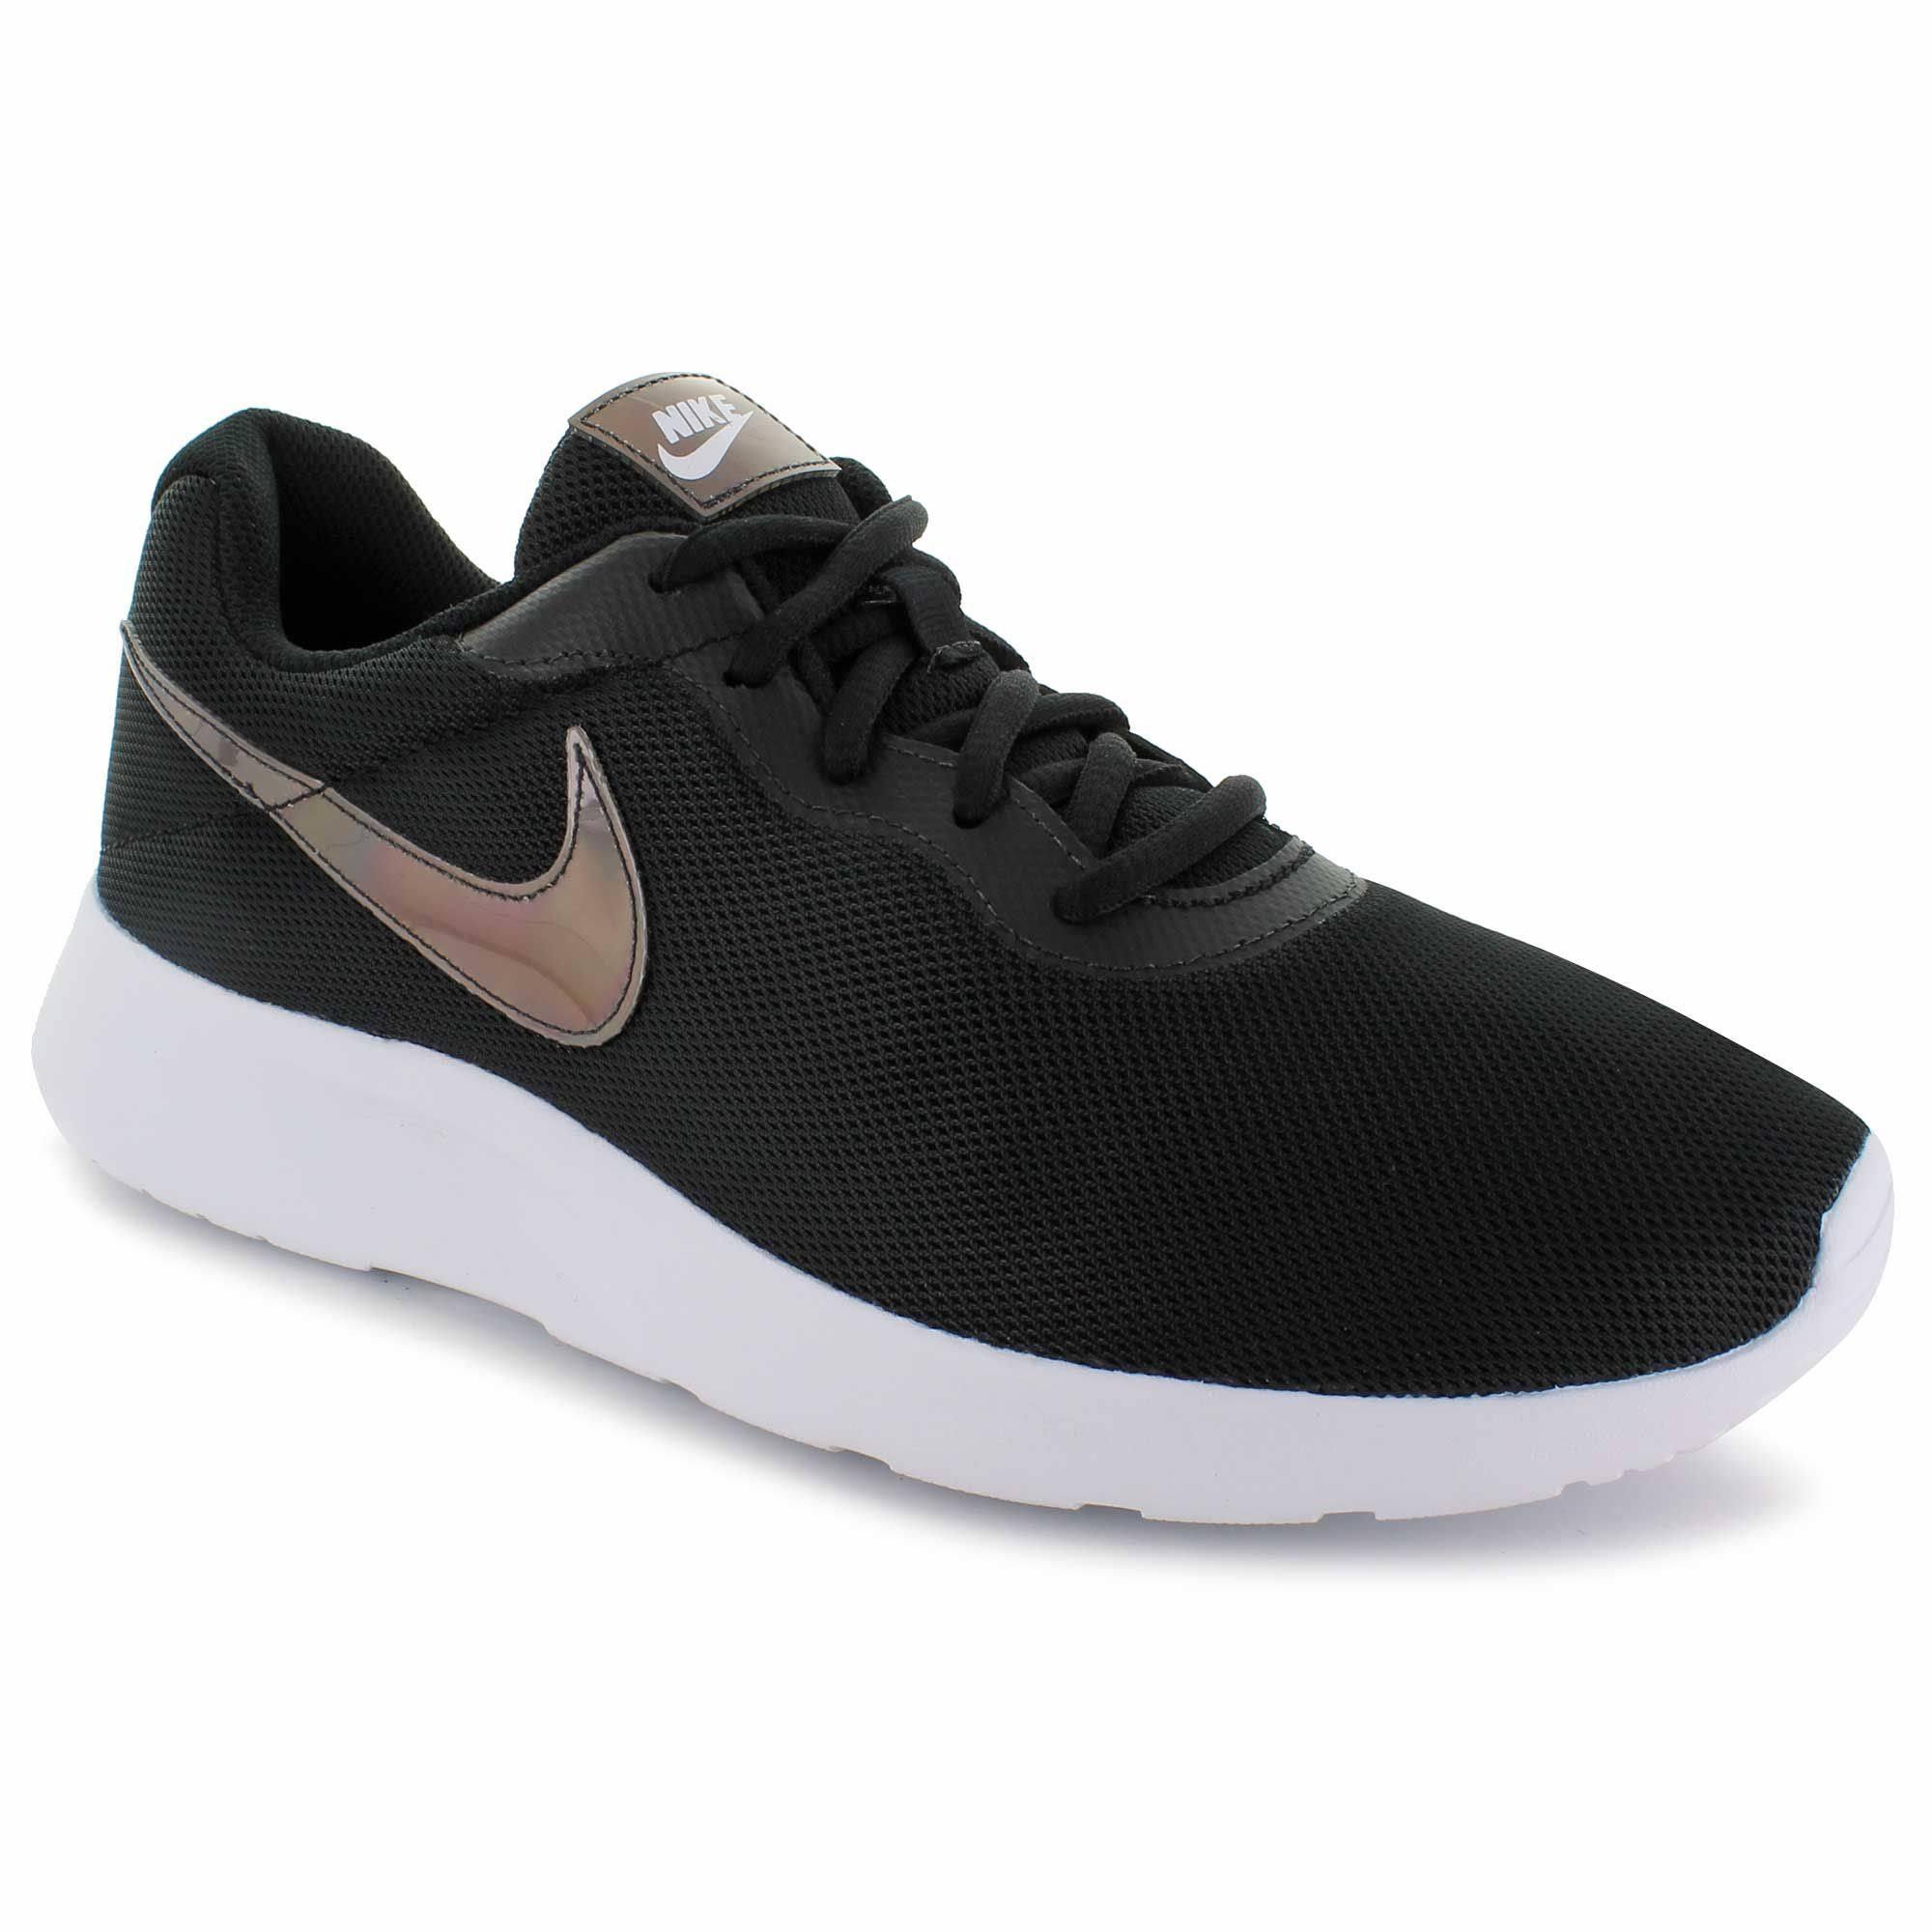 Nike hardloopschoenen voor hardloopschoenen Nike hardloopschoenen dameszwartwit Nike Tanjun Tanjun dameszwartwit Tanjun voor 0nkwPN8OX